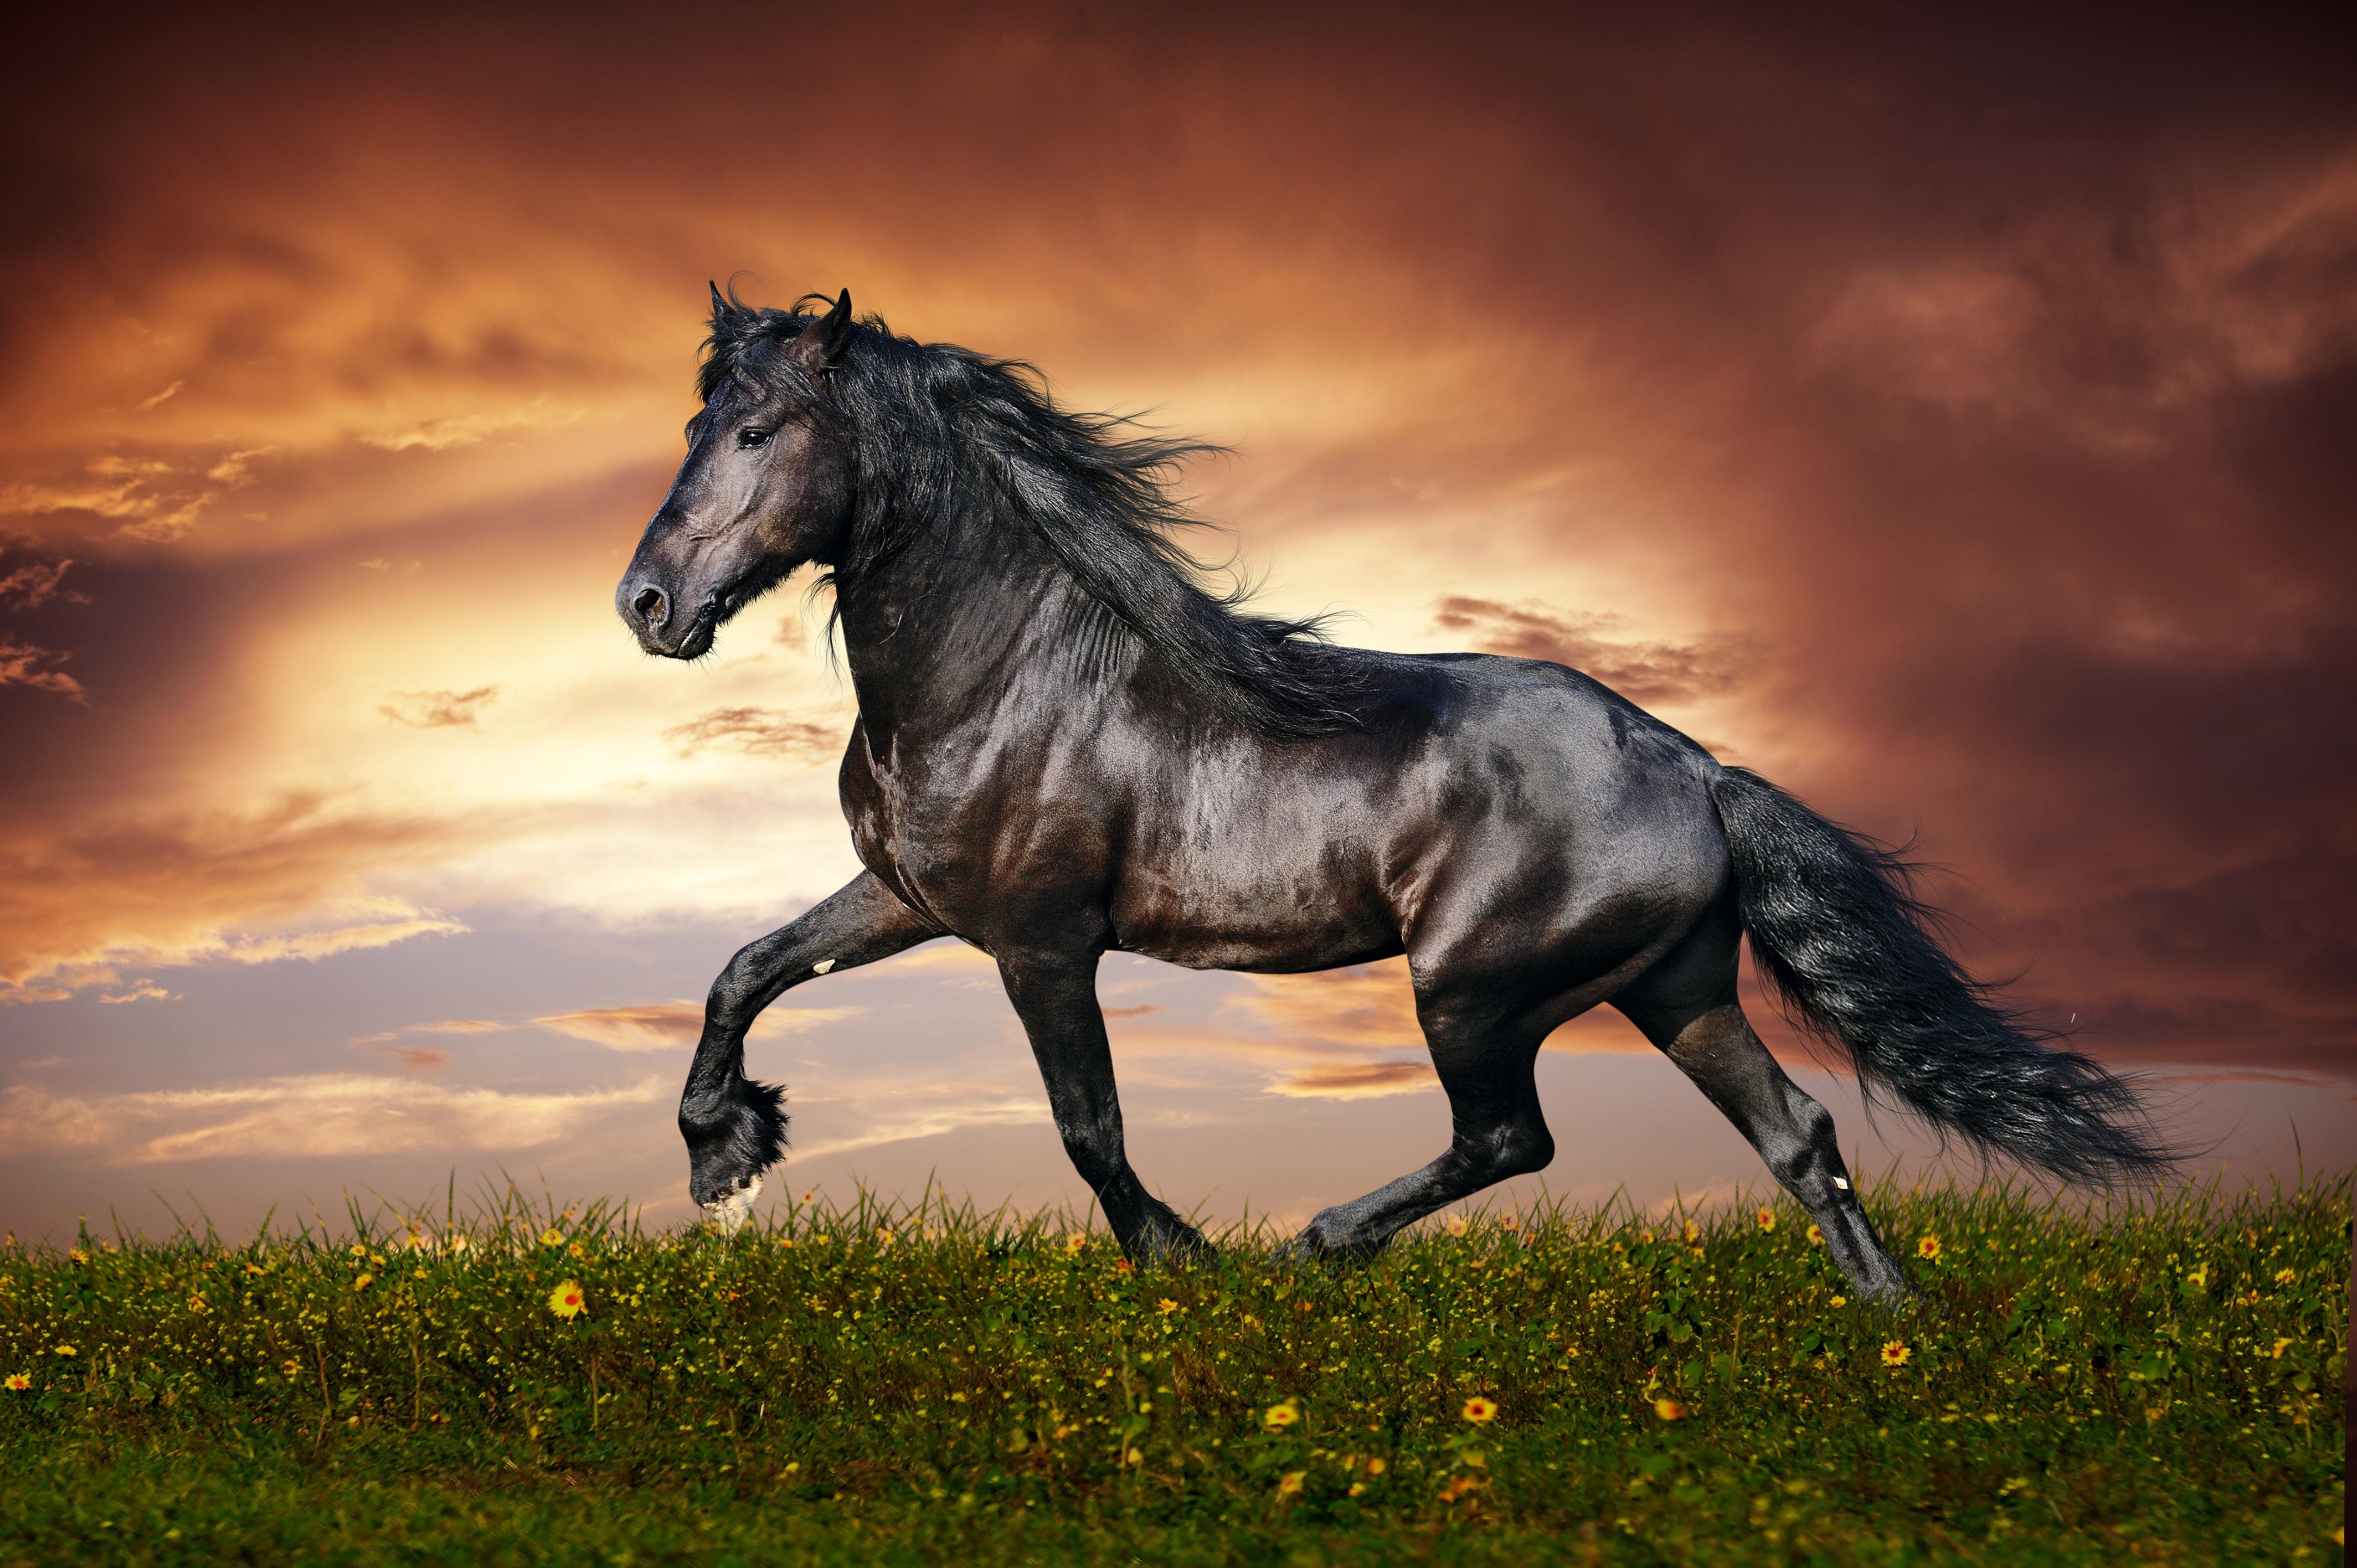 119467 скачать обои Животные, Конь, Бег, Закат, Поле, Трава, Лошадь, Цветы - заставки и картинки бесплатно